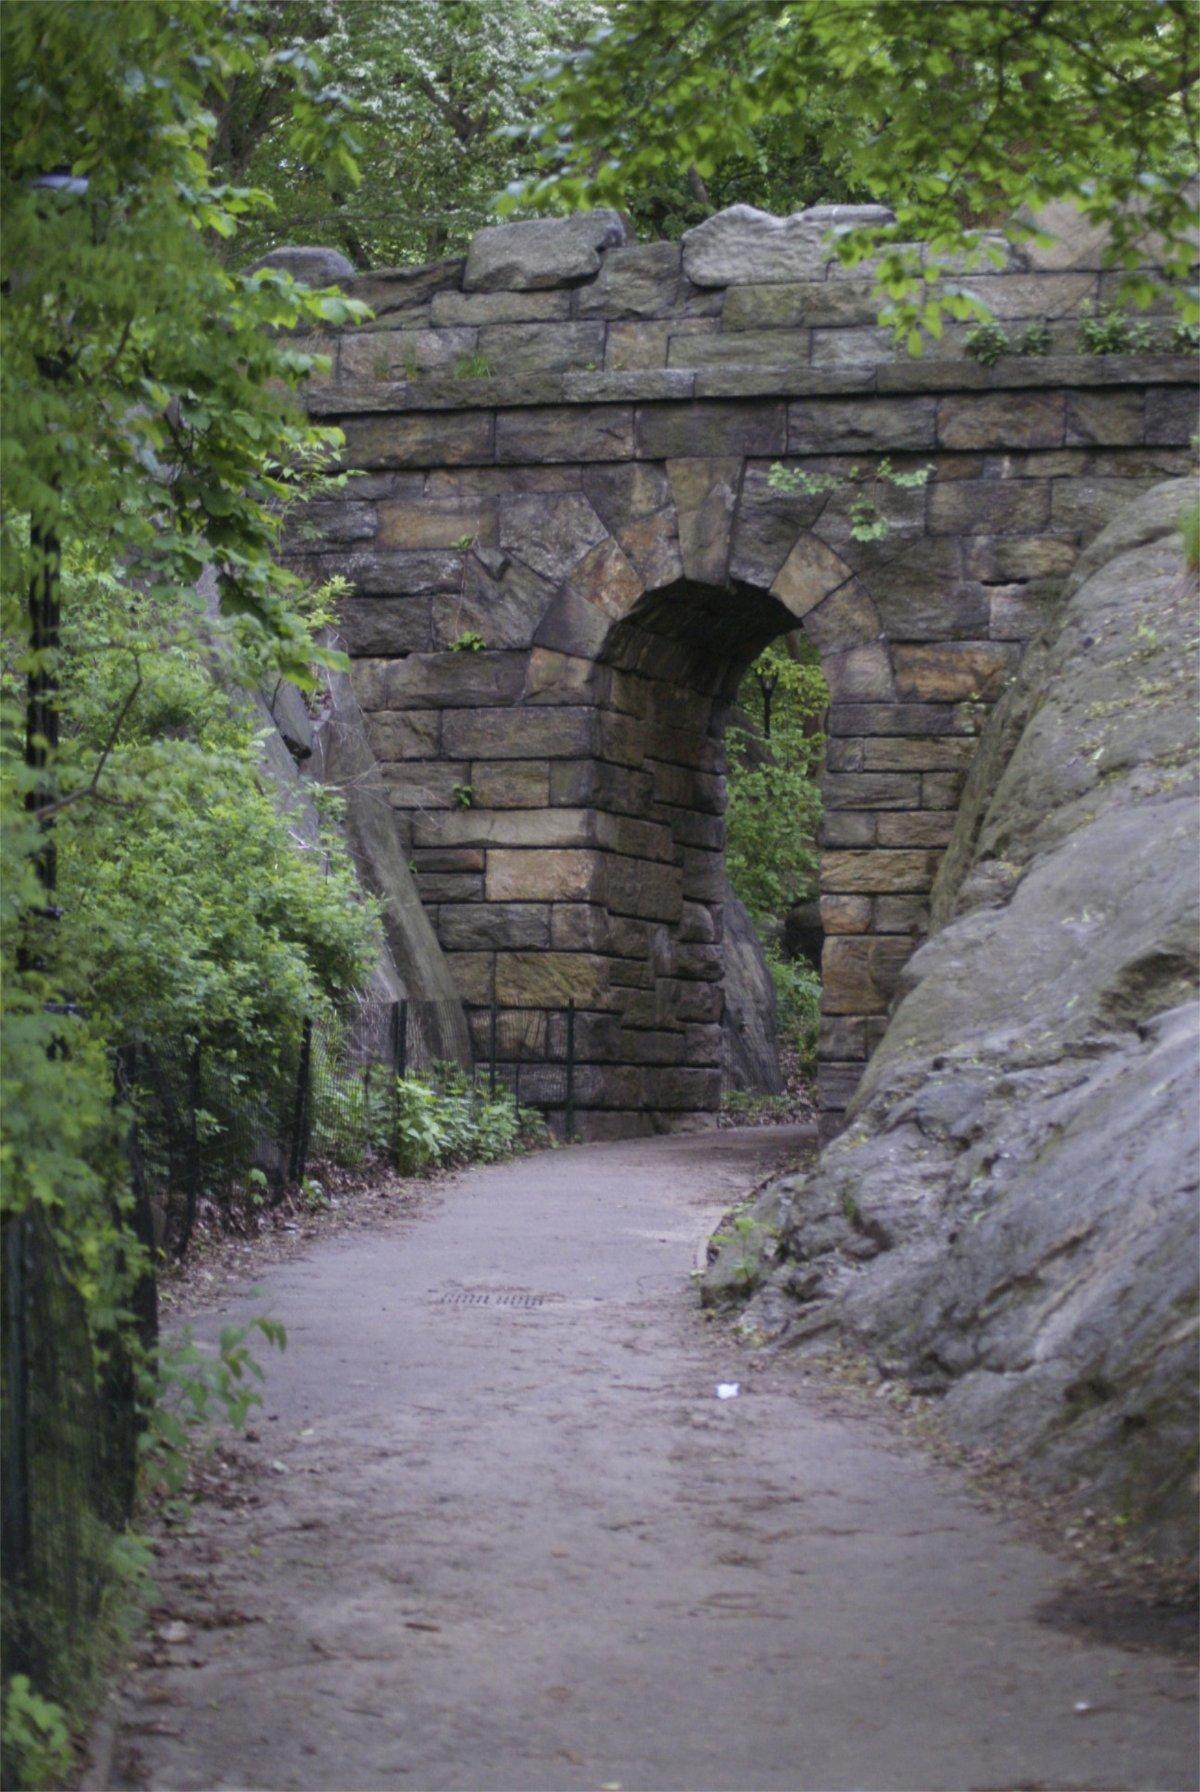 Photo entry: Little bridge